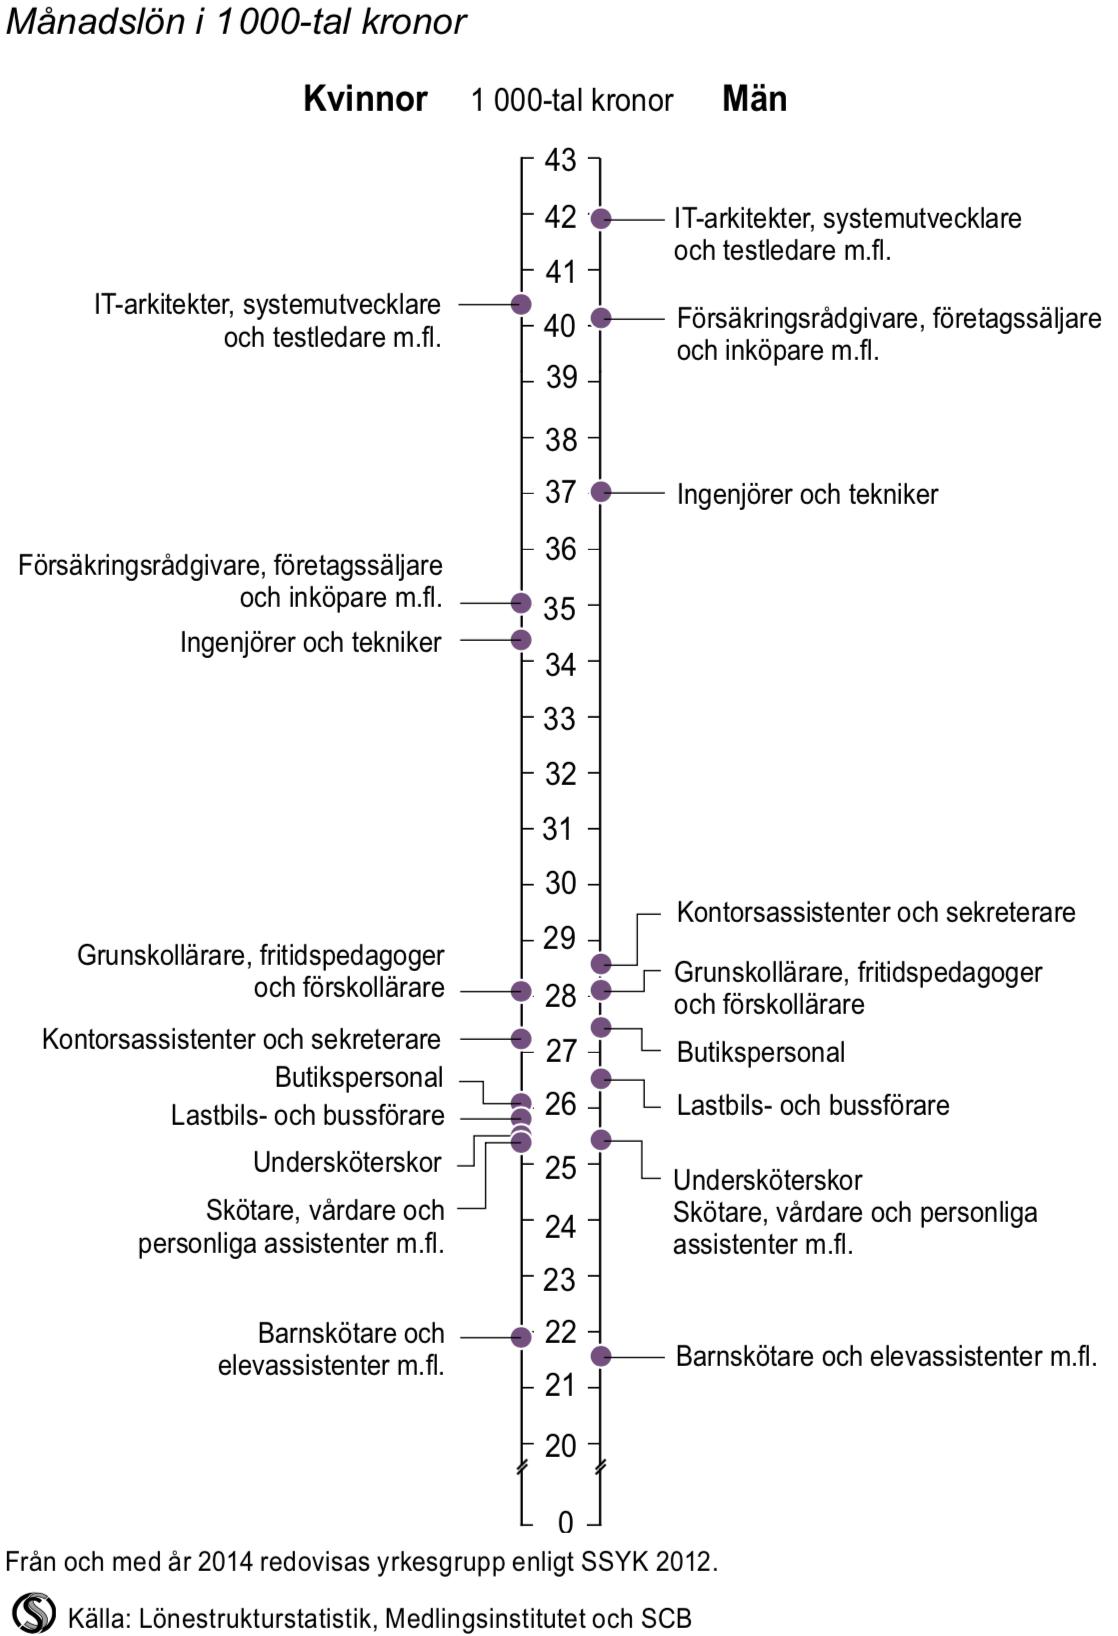 Medellön i de tio största yrkesgrupperna 2014